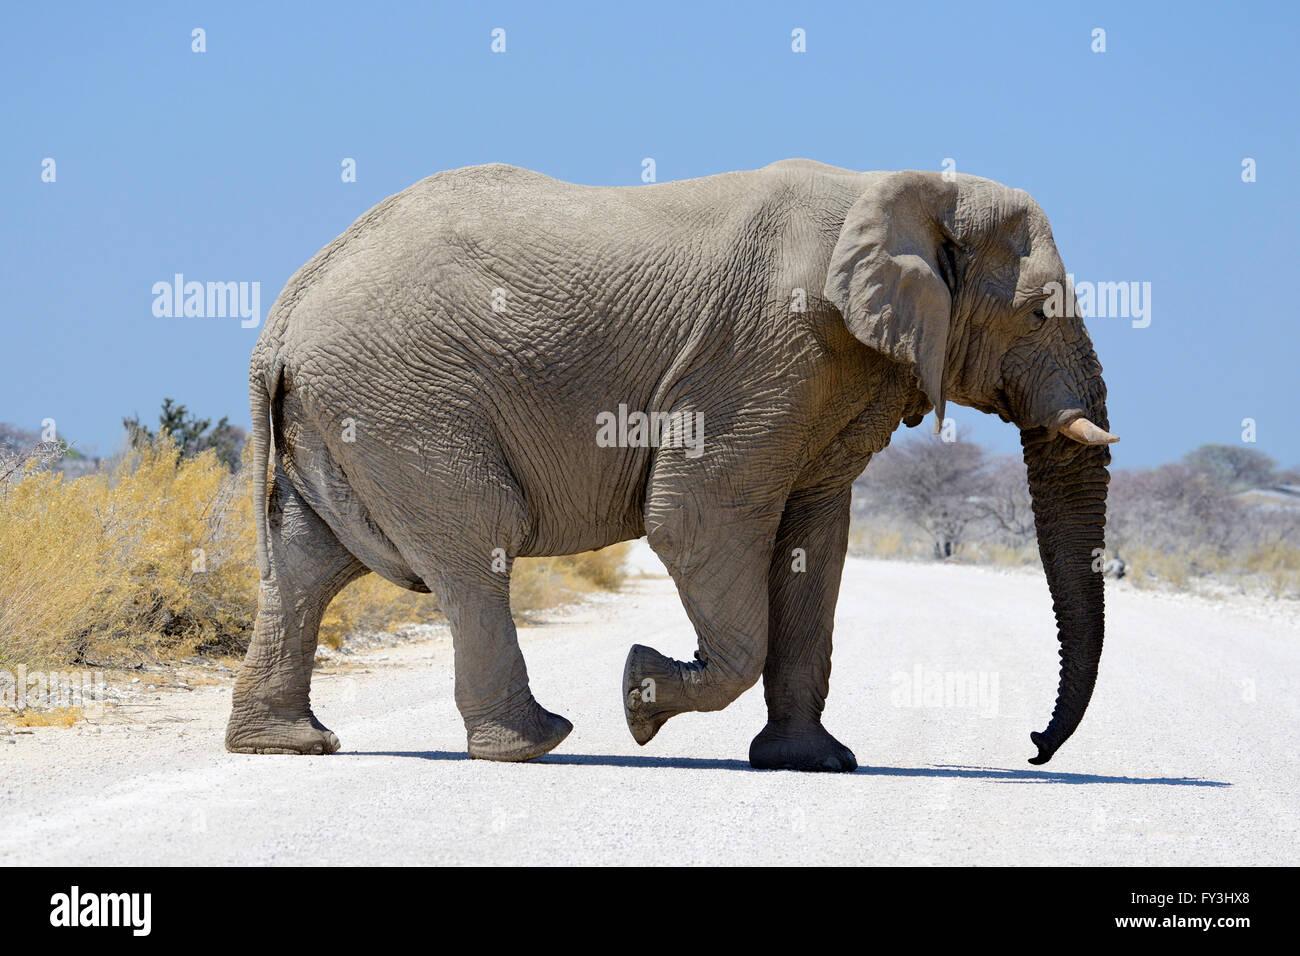 L'éléphant mâle d'Afrique (Loxodonta africana) traversée de route non revêtue dans Photo Stock